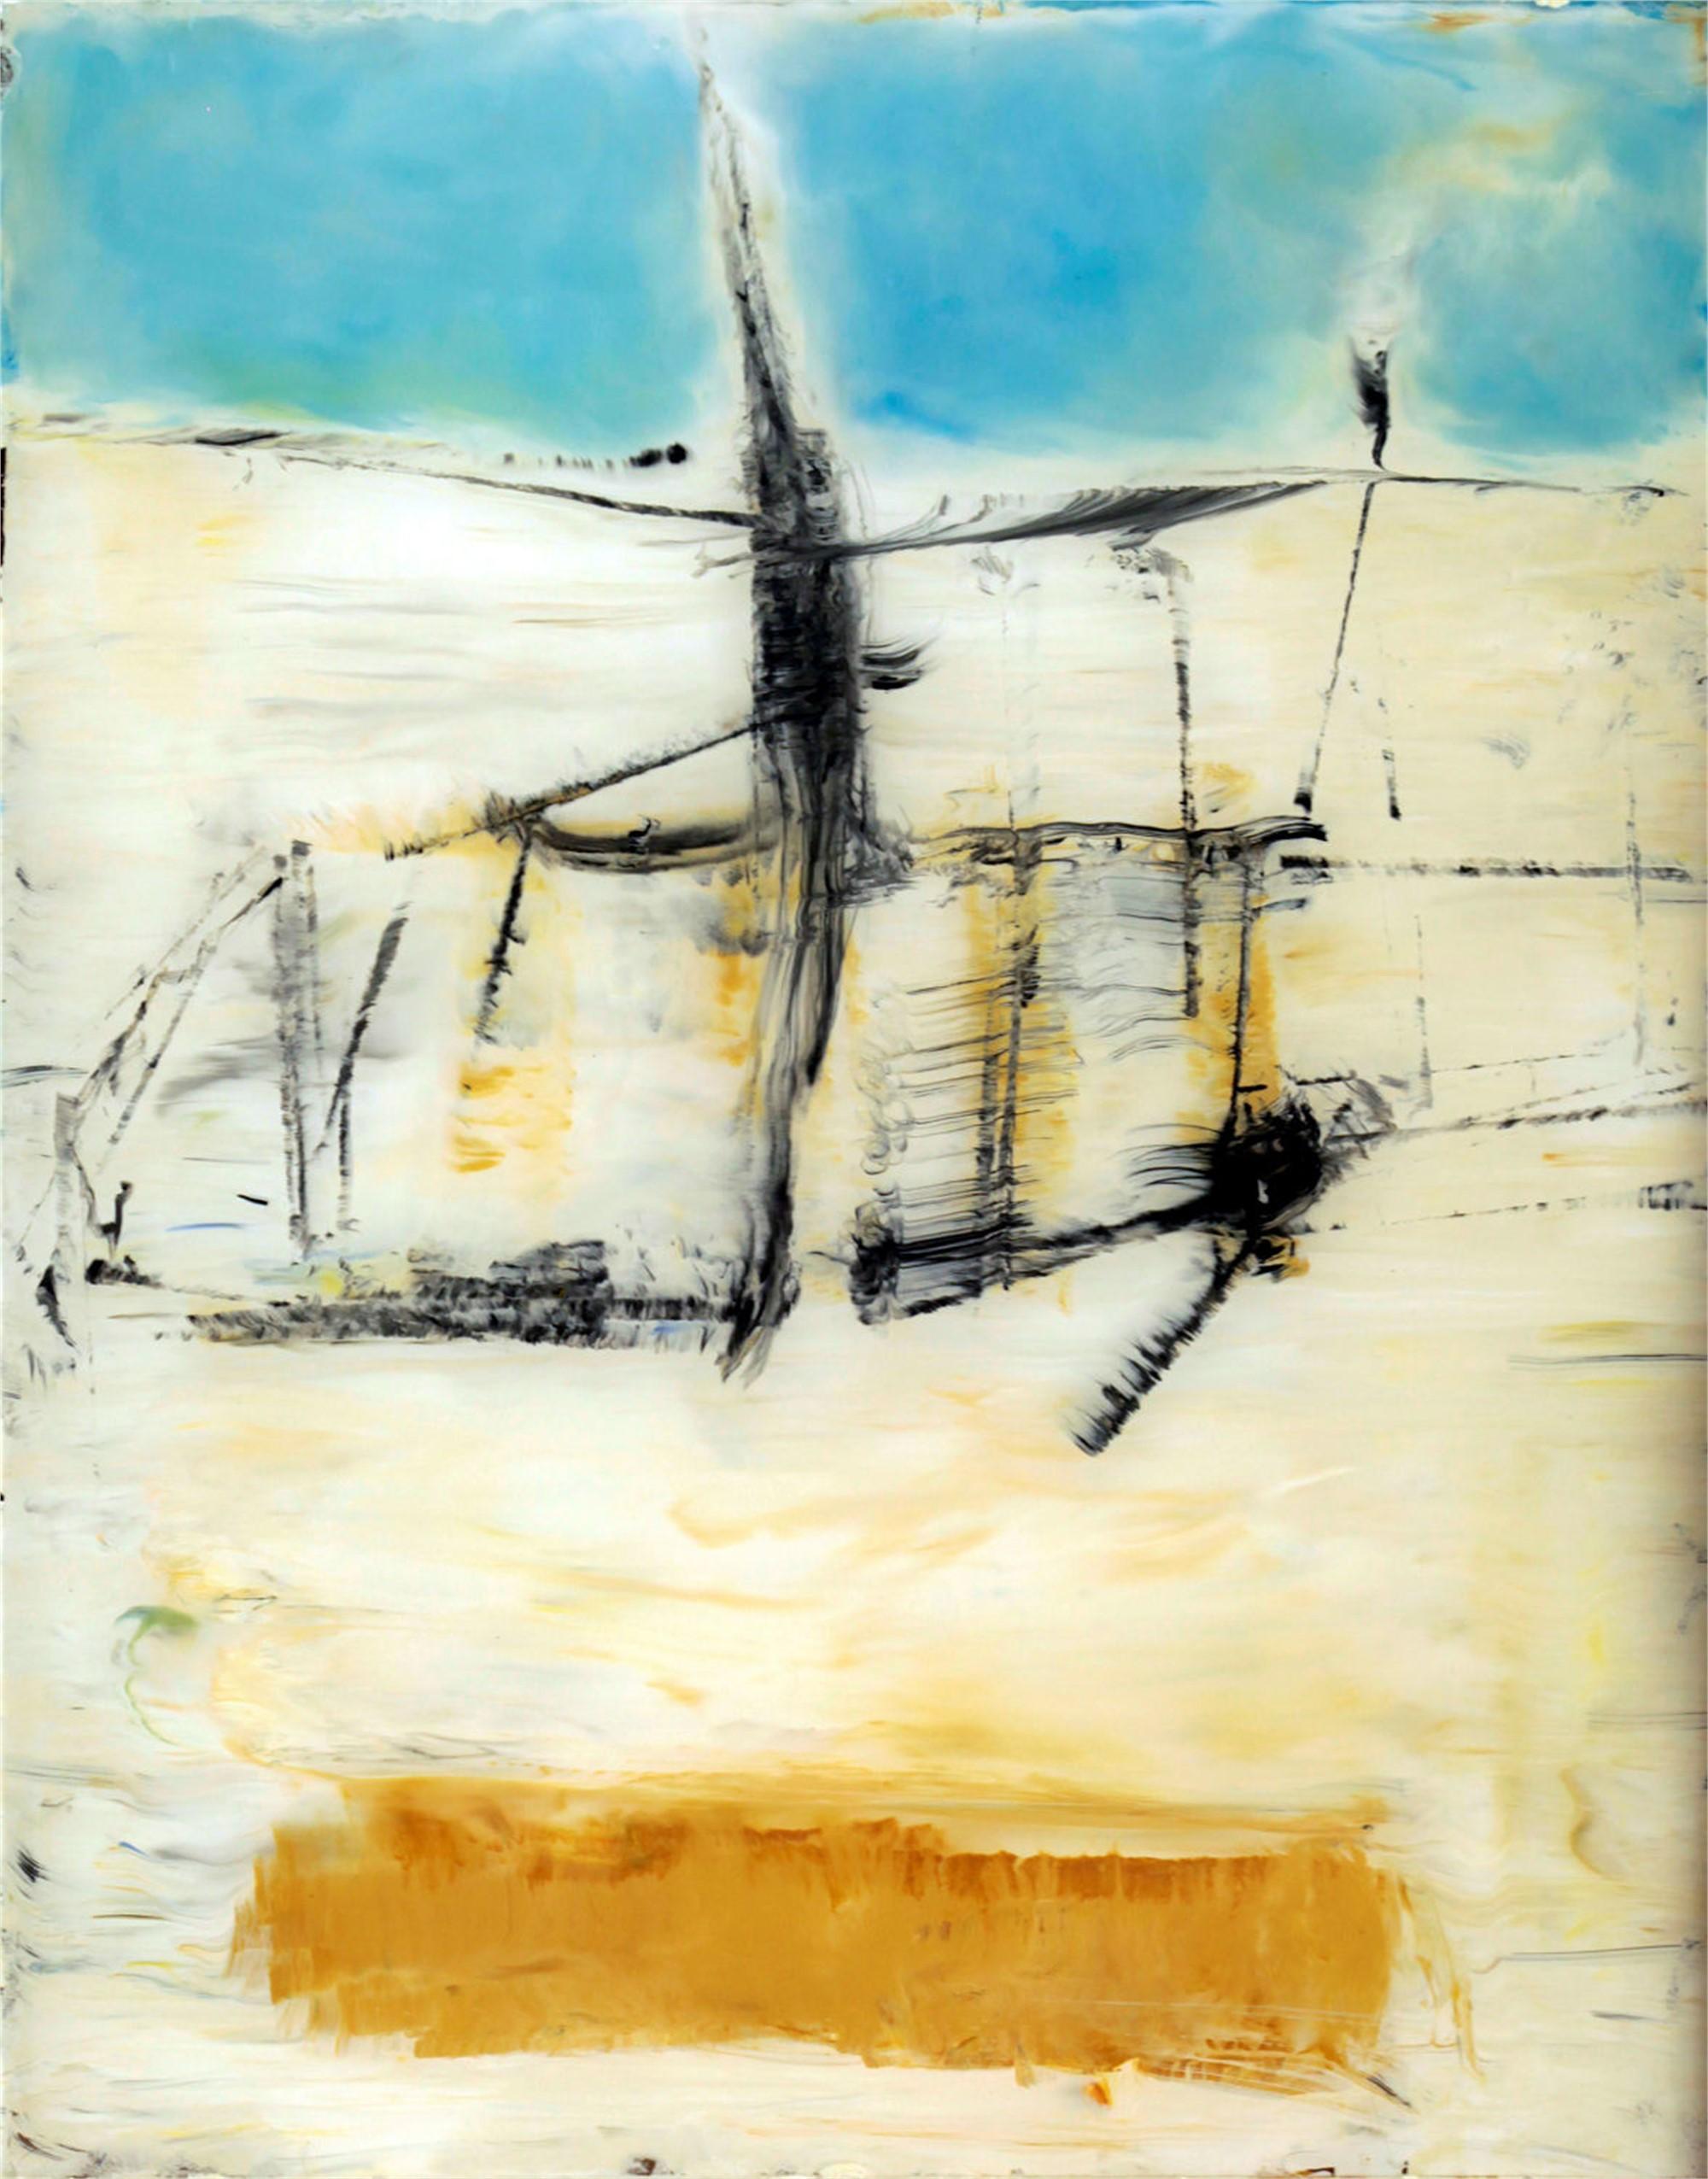 Vessel by John McCaw